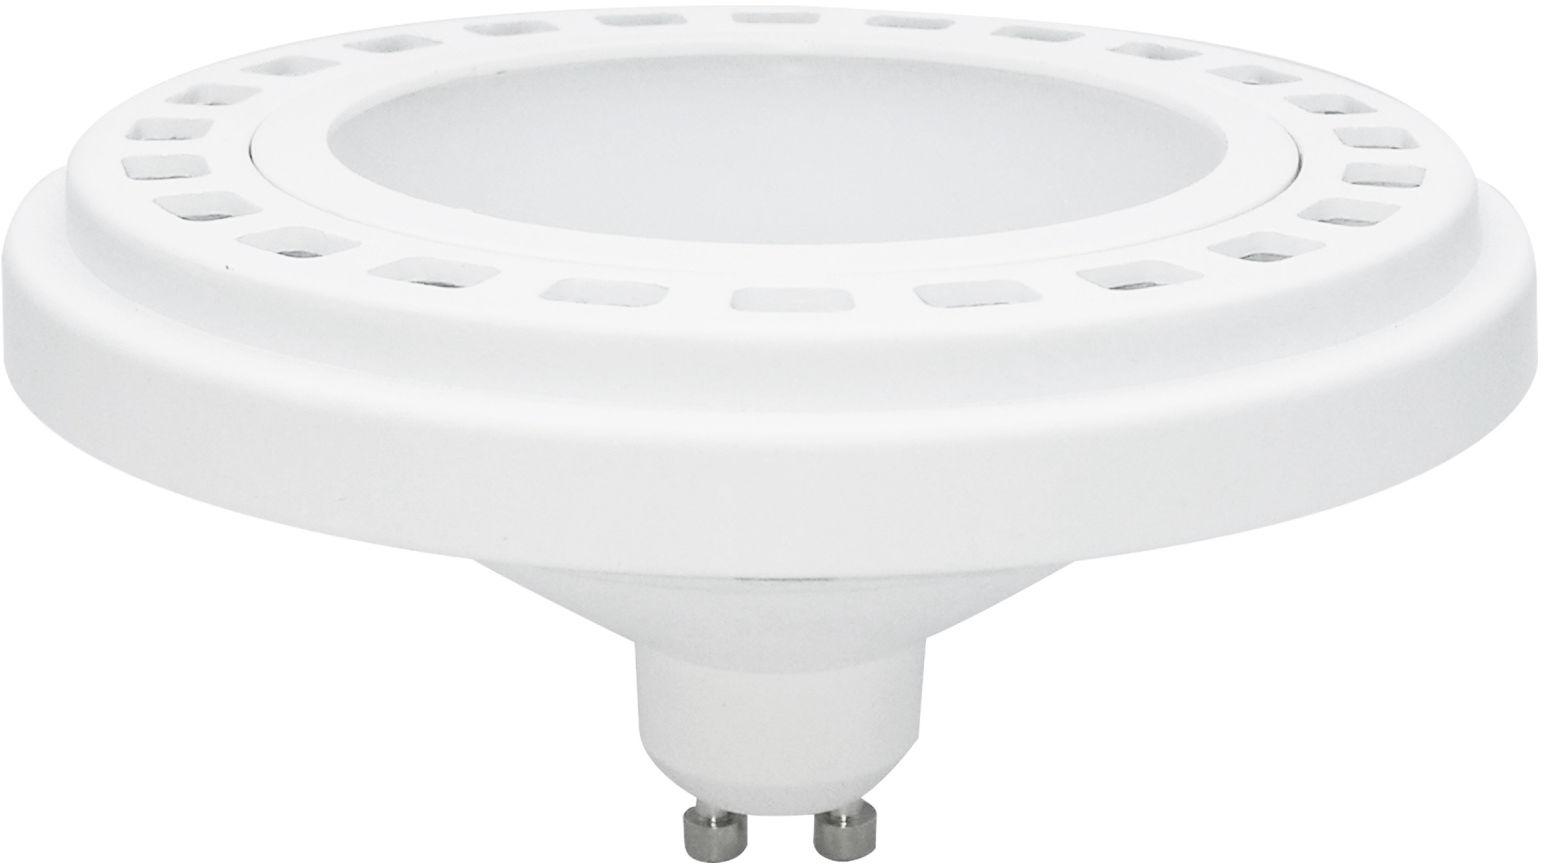 Żarówka LED ES111 12W 120  GU10 960lm 4000K biała OXYLED